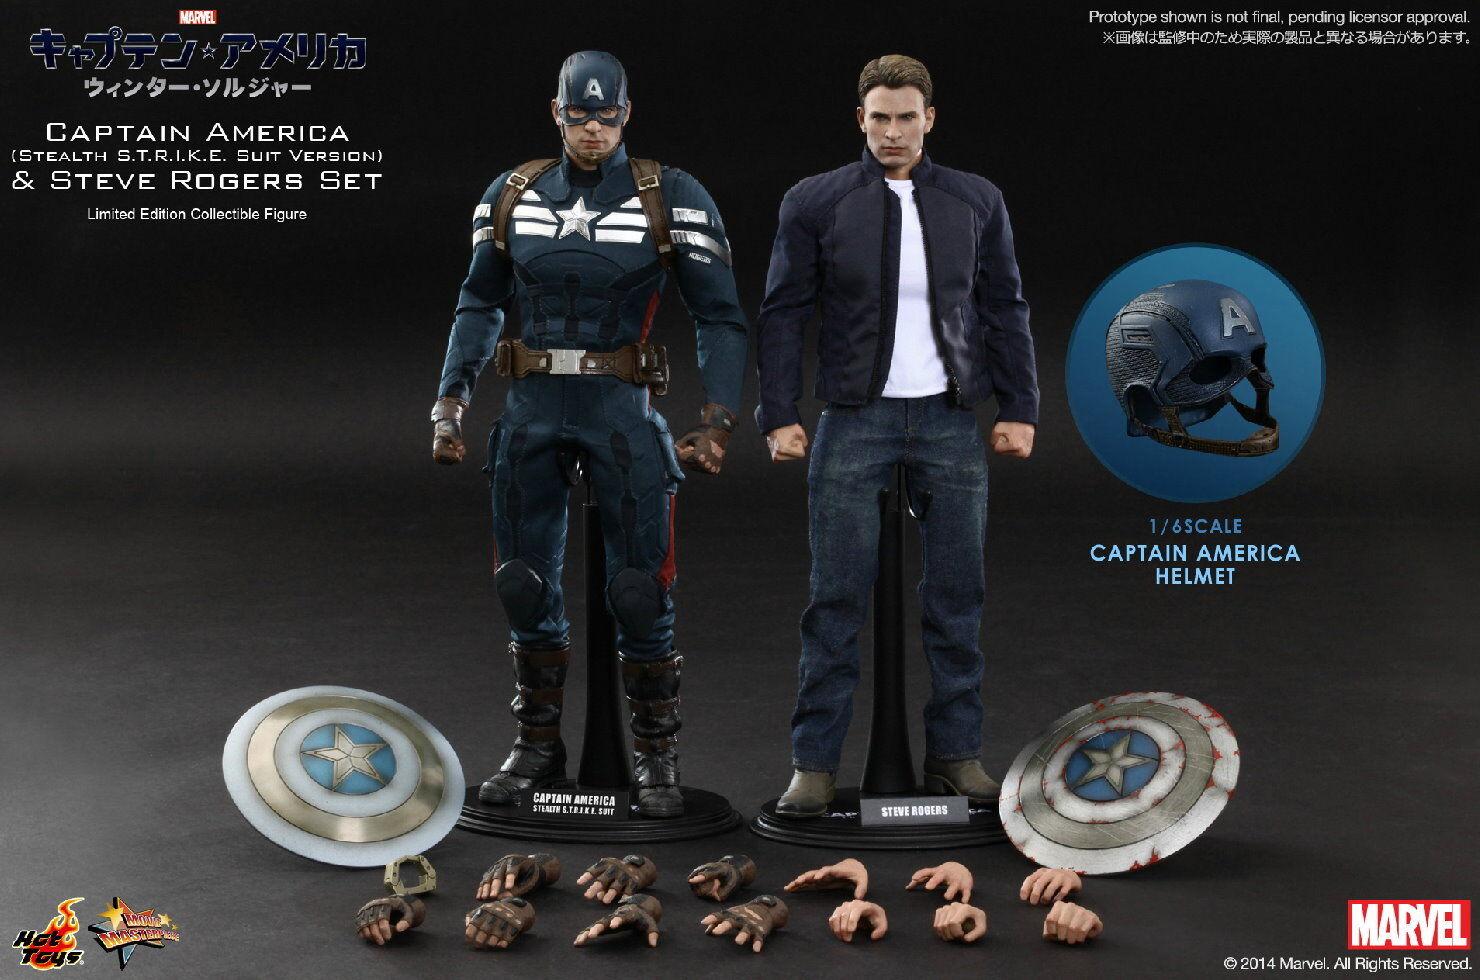 productos creativos HOT TOYS 16 Capitán América Winter Soldier Soldier Soldier Steve Rogers 2 paquetes de MMS243 figura  la mejor oferta de tienda online